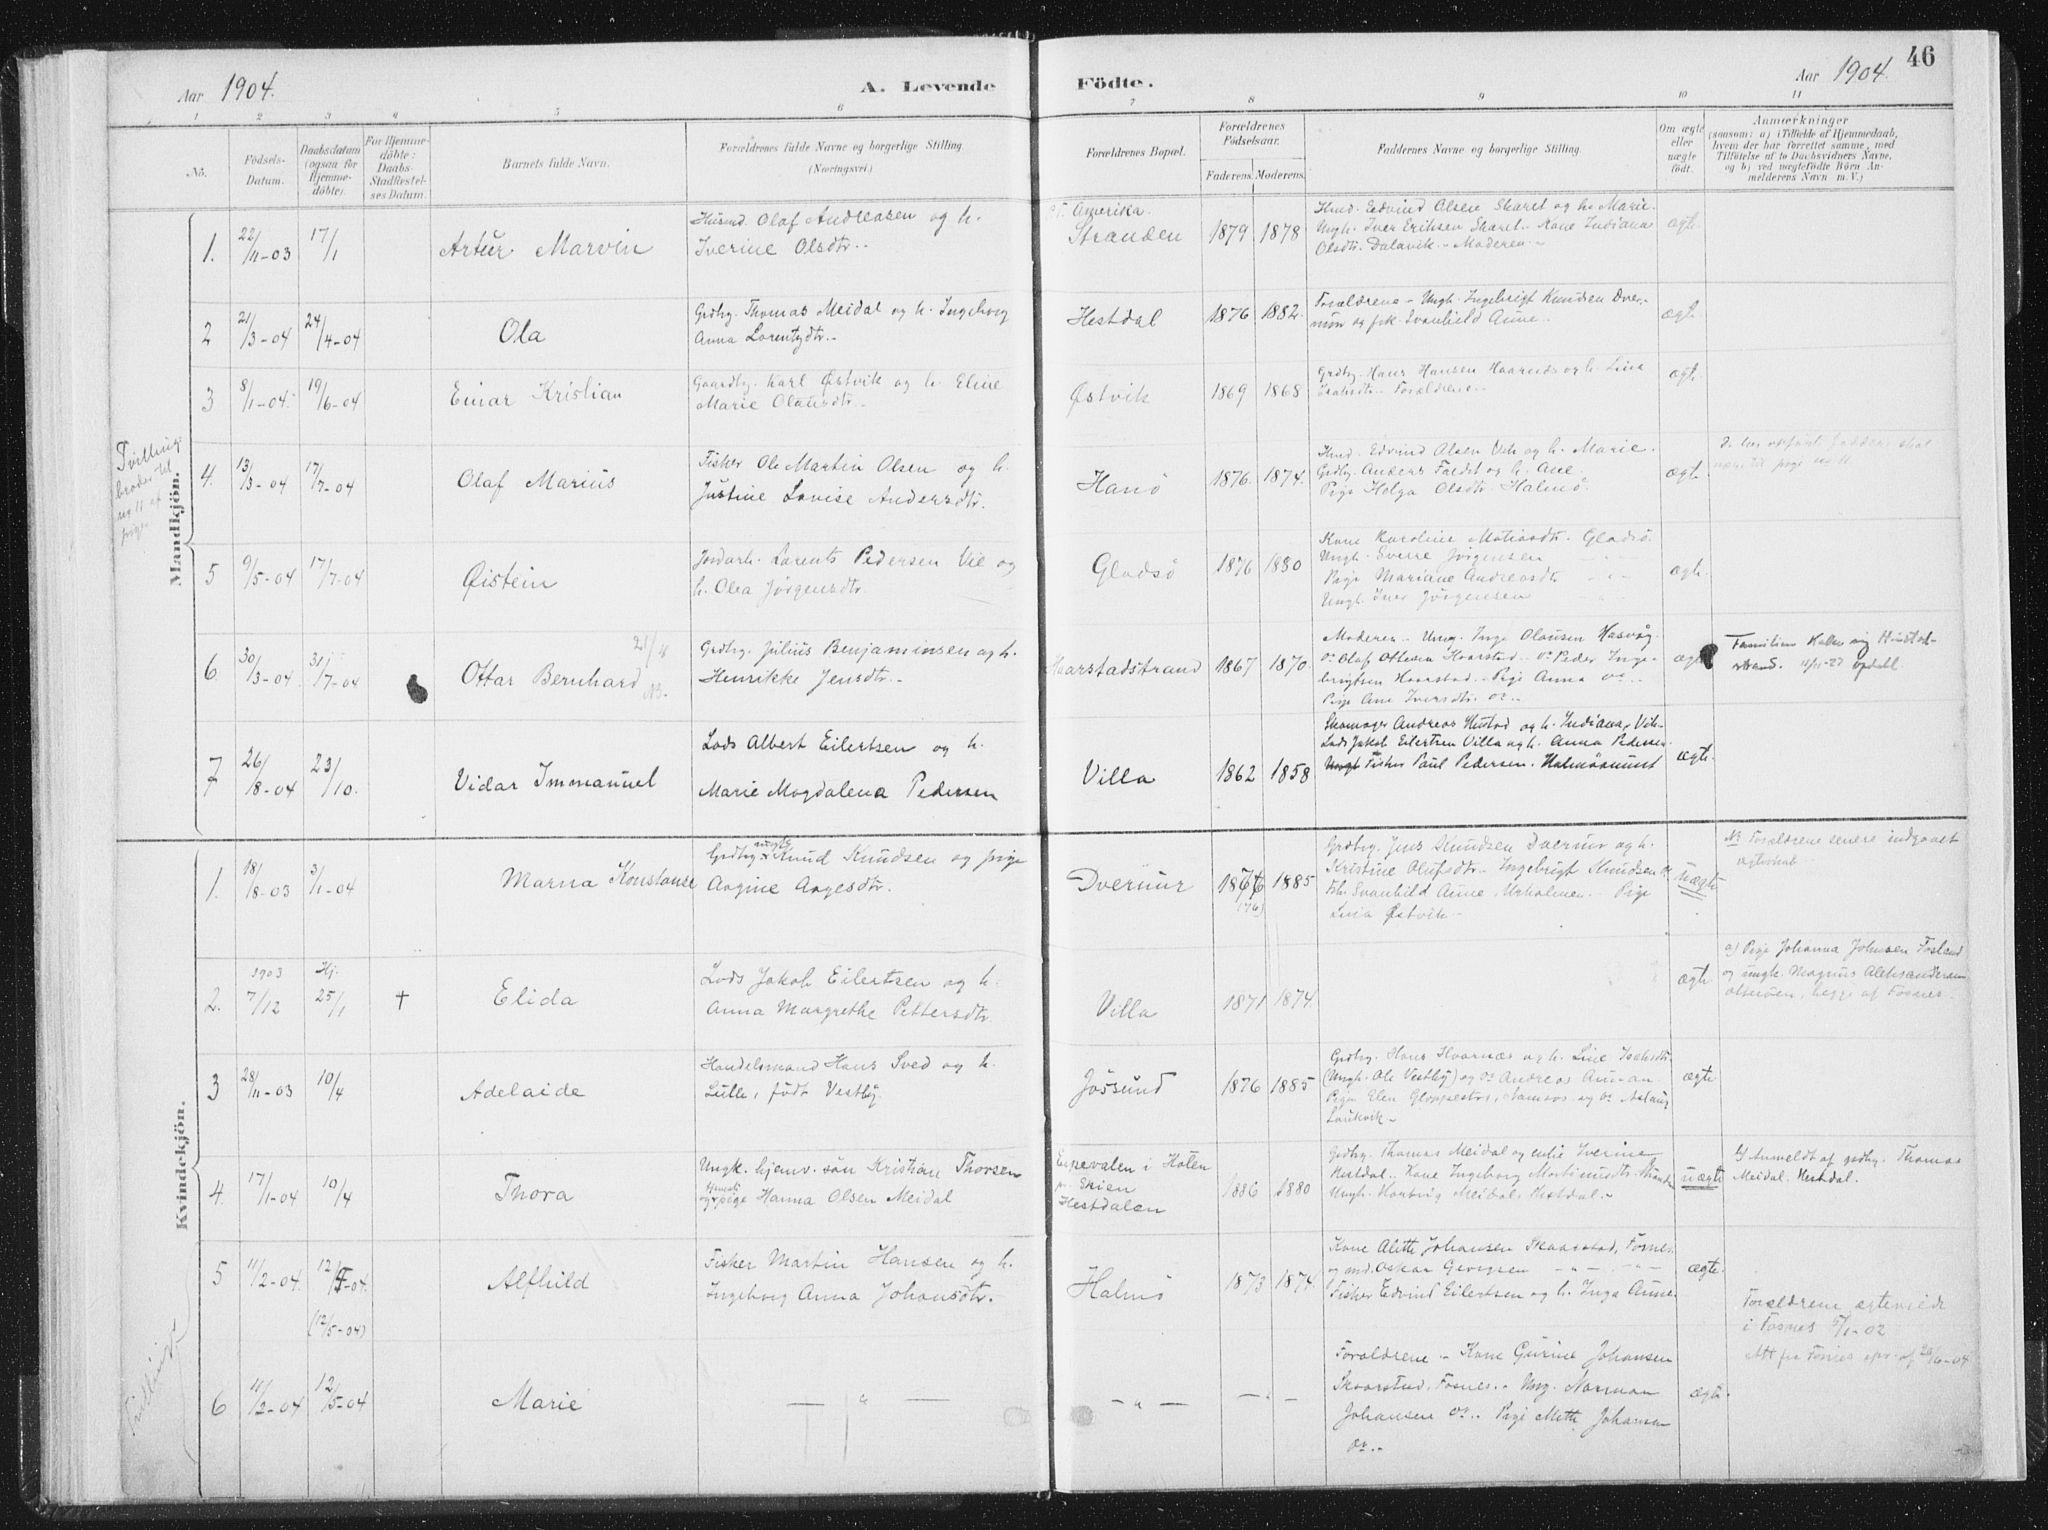 SAT, Ministerialprotokoller, klokkerbøker og fødselsregistre - Nord-Trøndelag, 771/L0597: Ministerialbok nr. 771A04, 1885-1910, s. 46